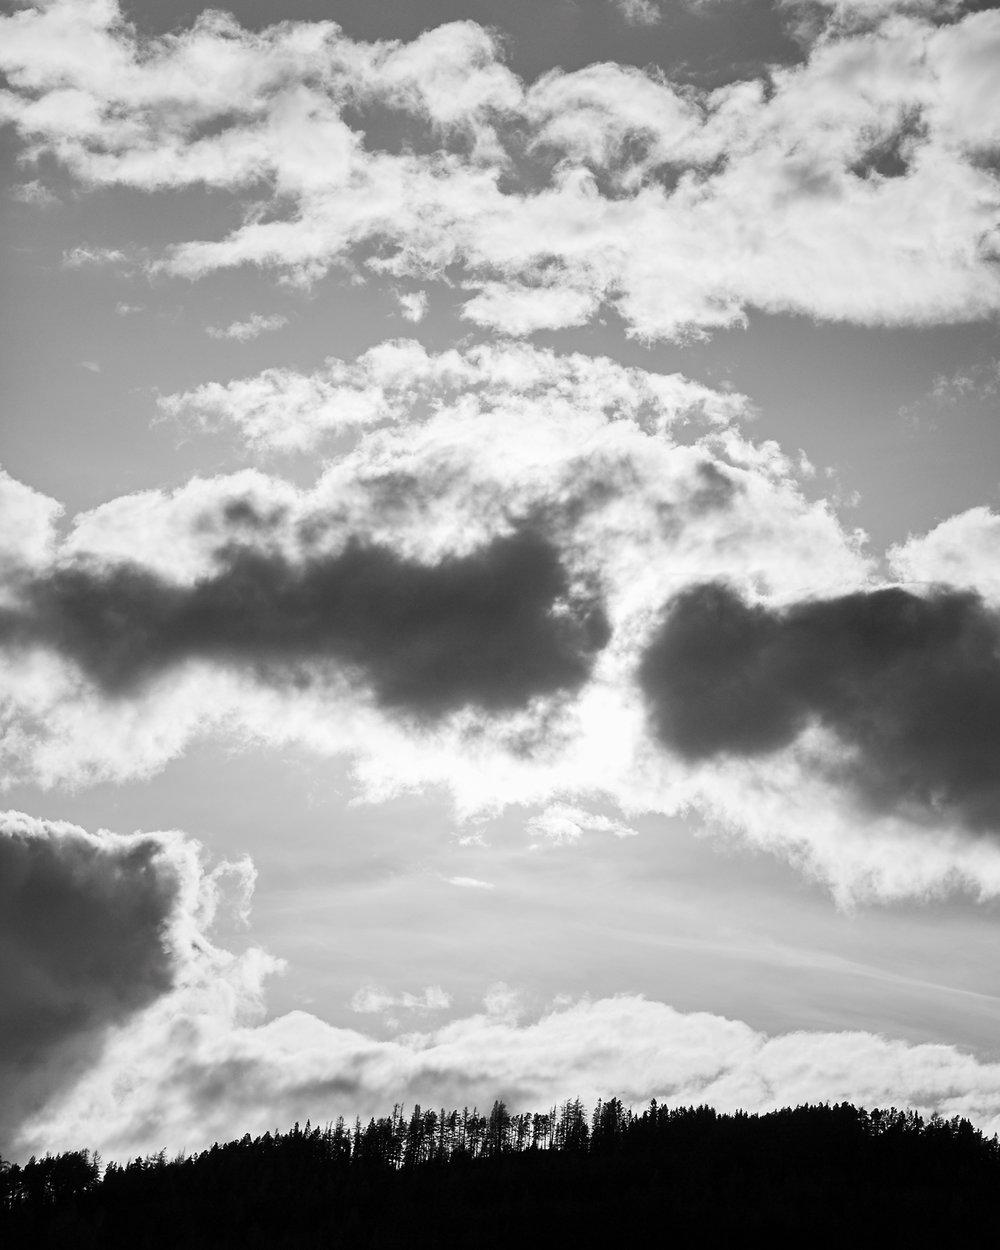 Sky printklar.jpg